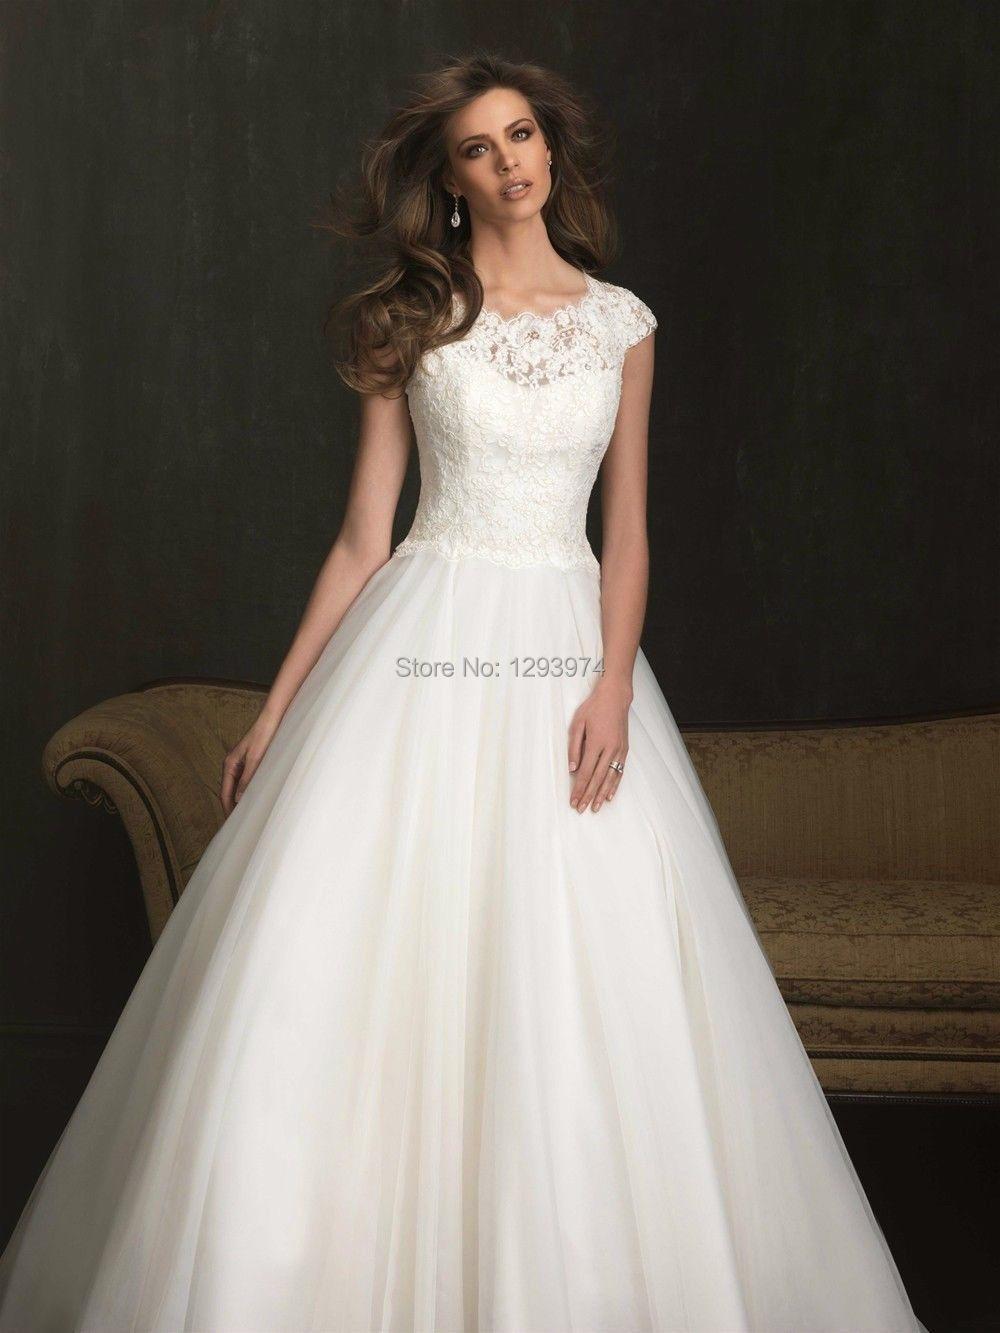 2015 Wedding Dress New White Ivory Short Sleeve Turtle